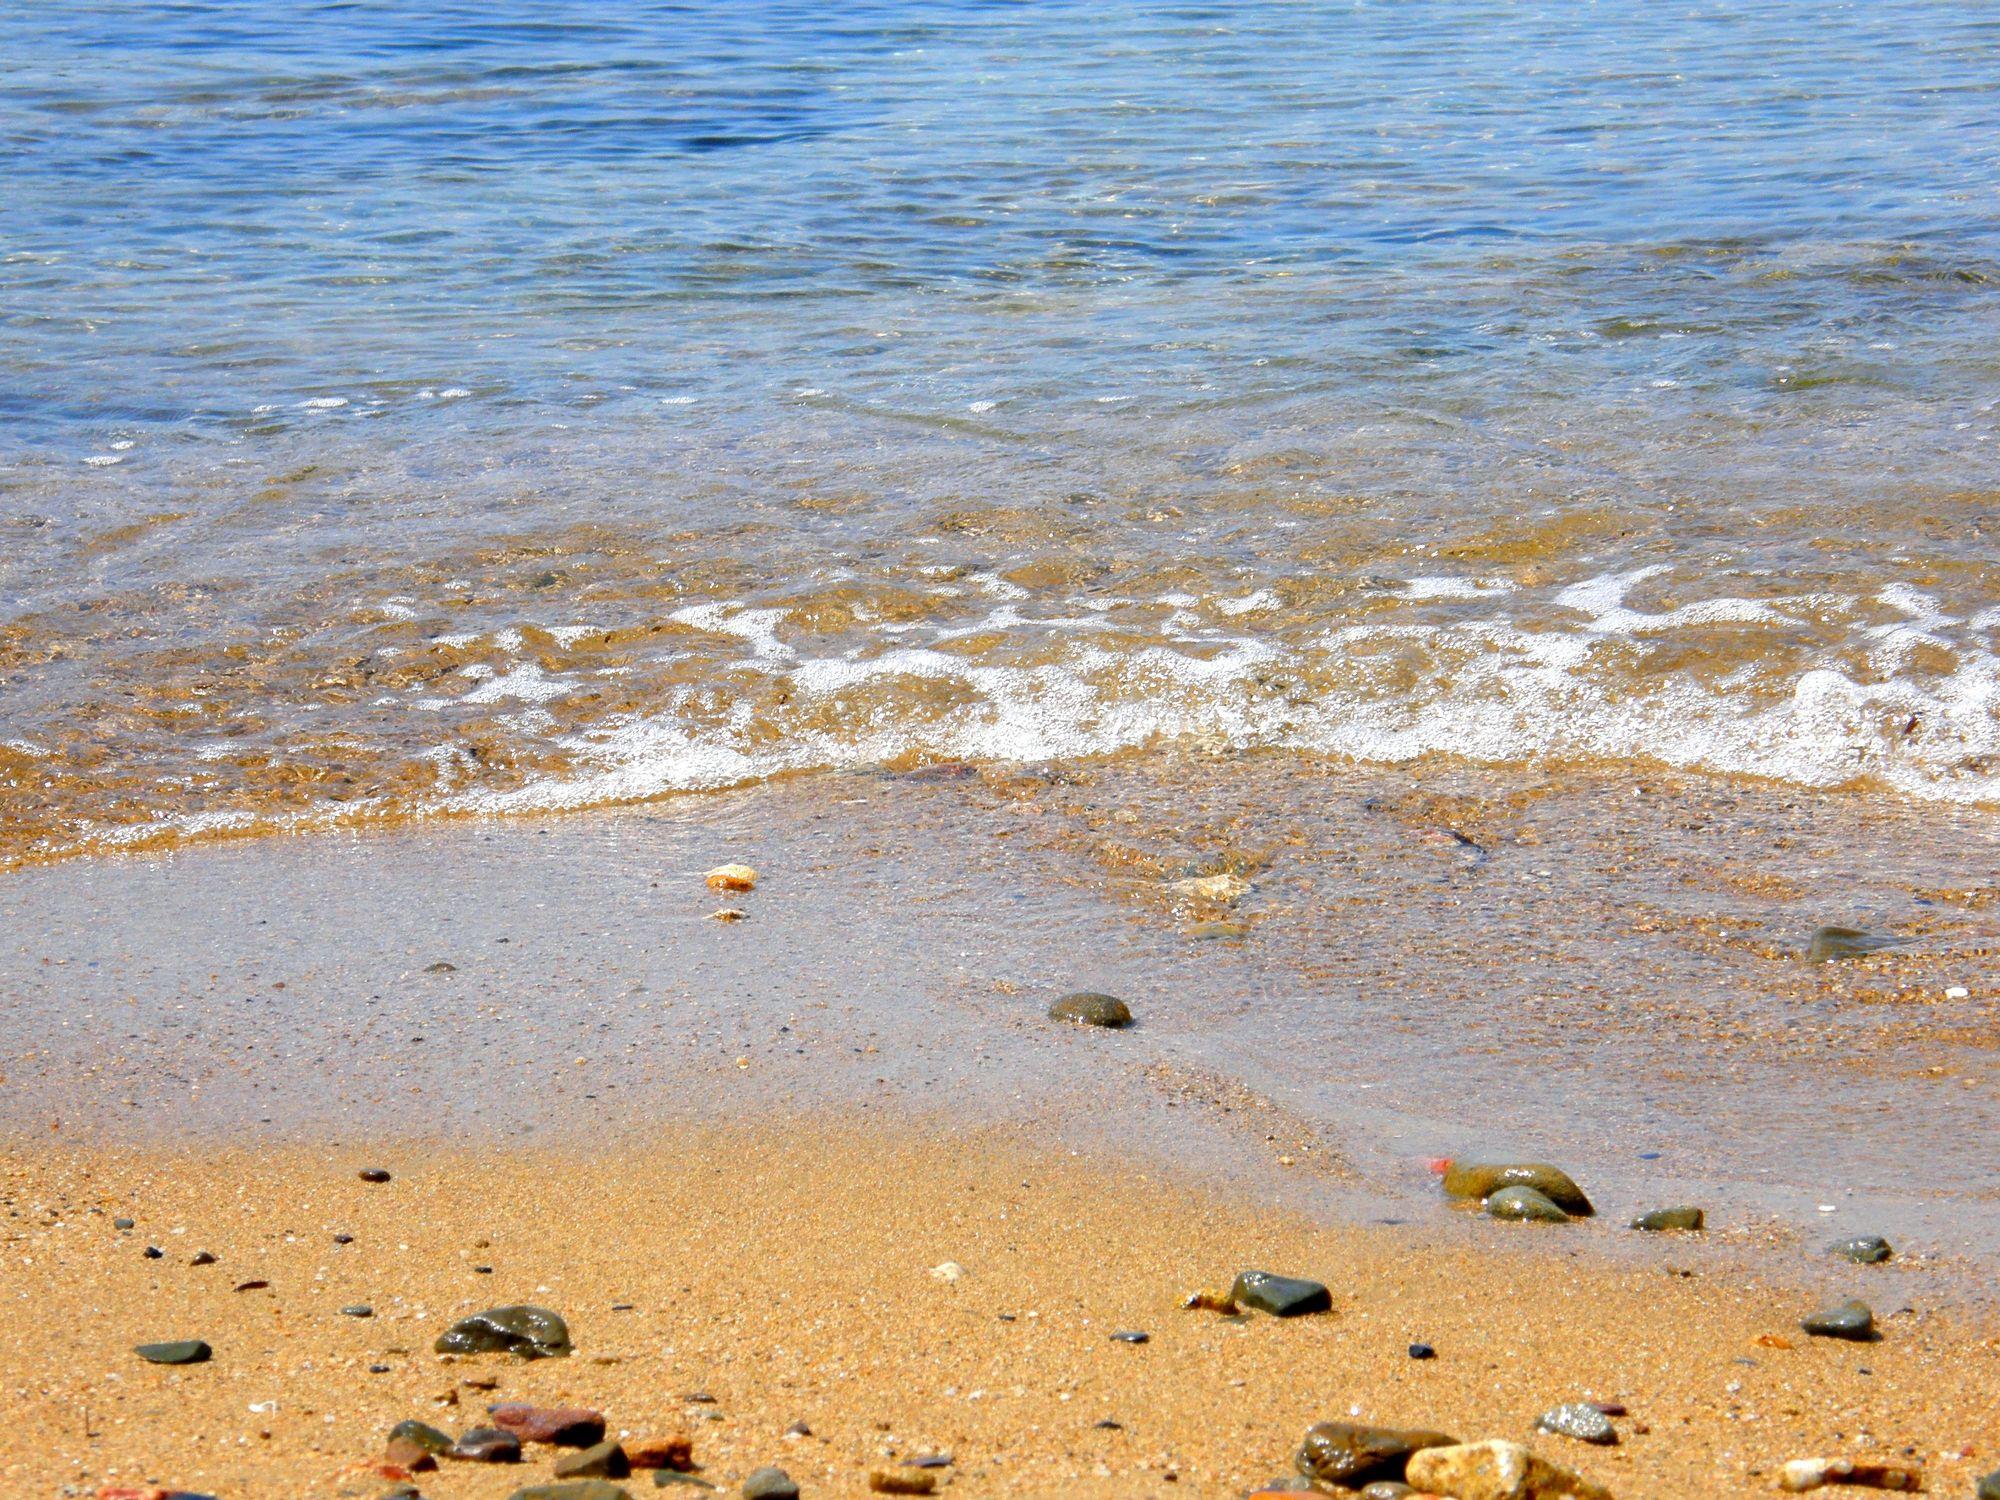 Bild mit Wasser, Strände, Wellen, Urlaub, Strand, Meer, Sehnsucht nach Meer, Welle